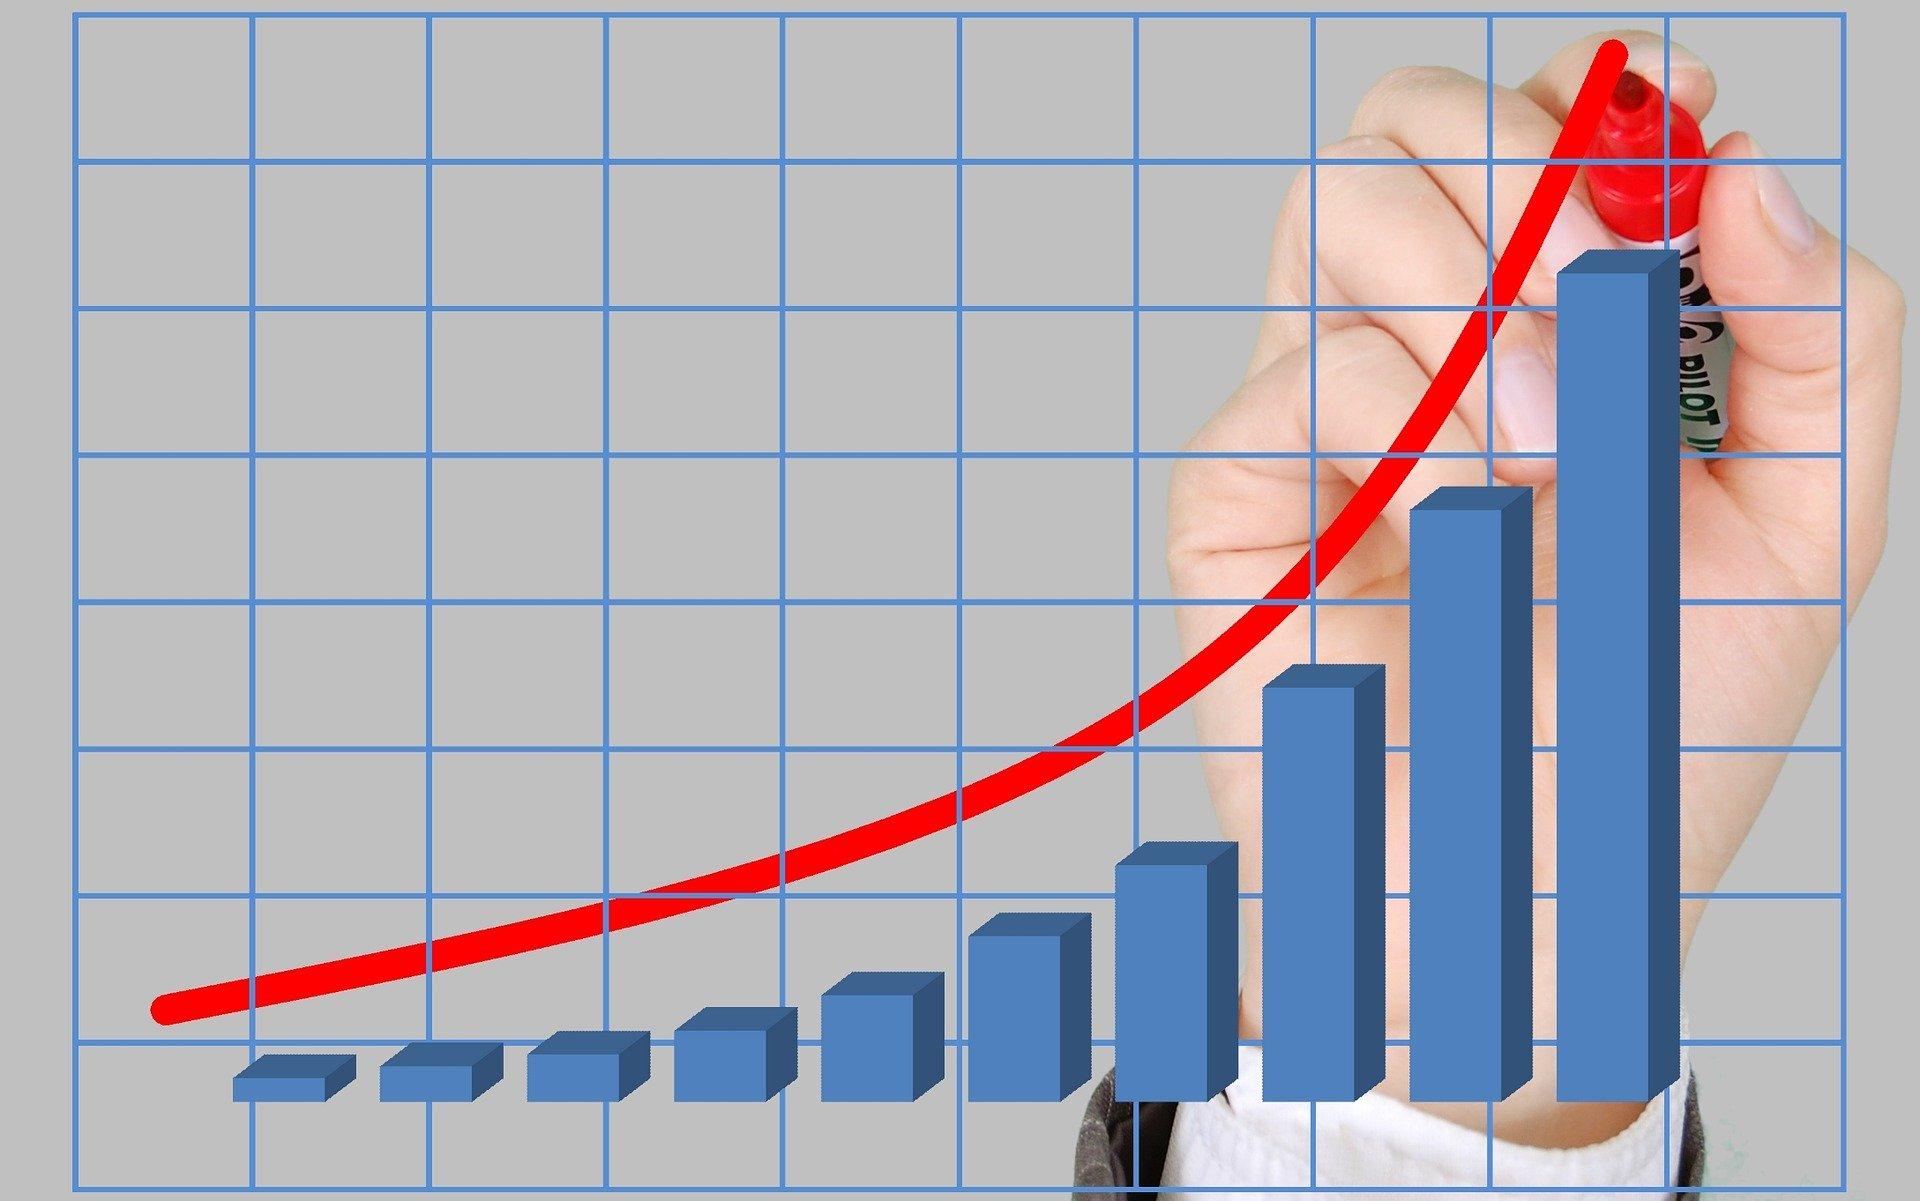 Щодо зміни ціни за одиницю товару не більше ніж 10 відсотків